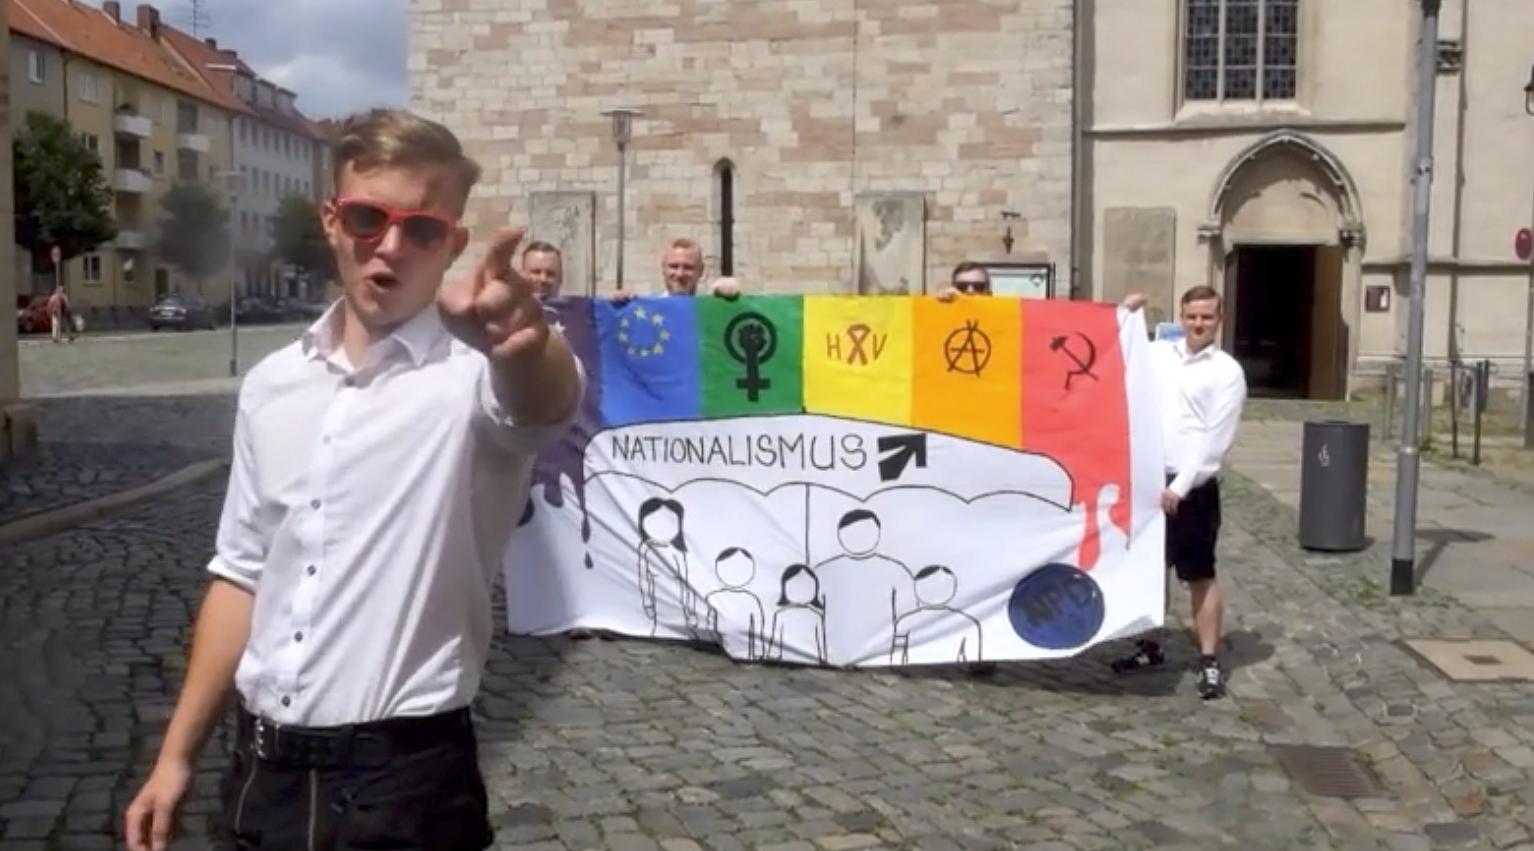 Niet heel Duitsland is blij met de openstelling van het huwelijk